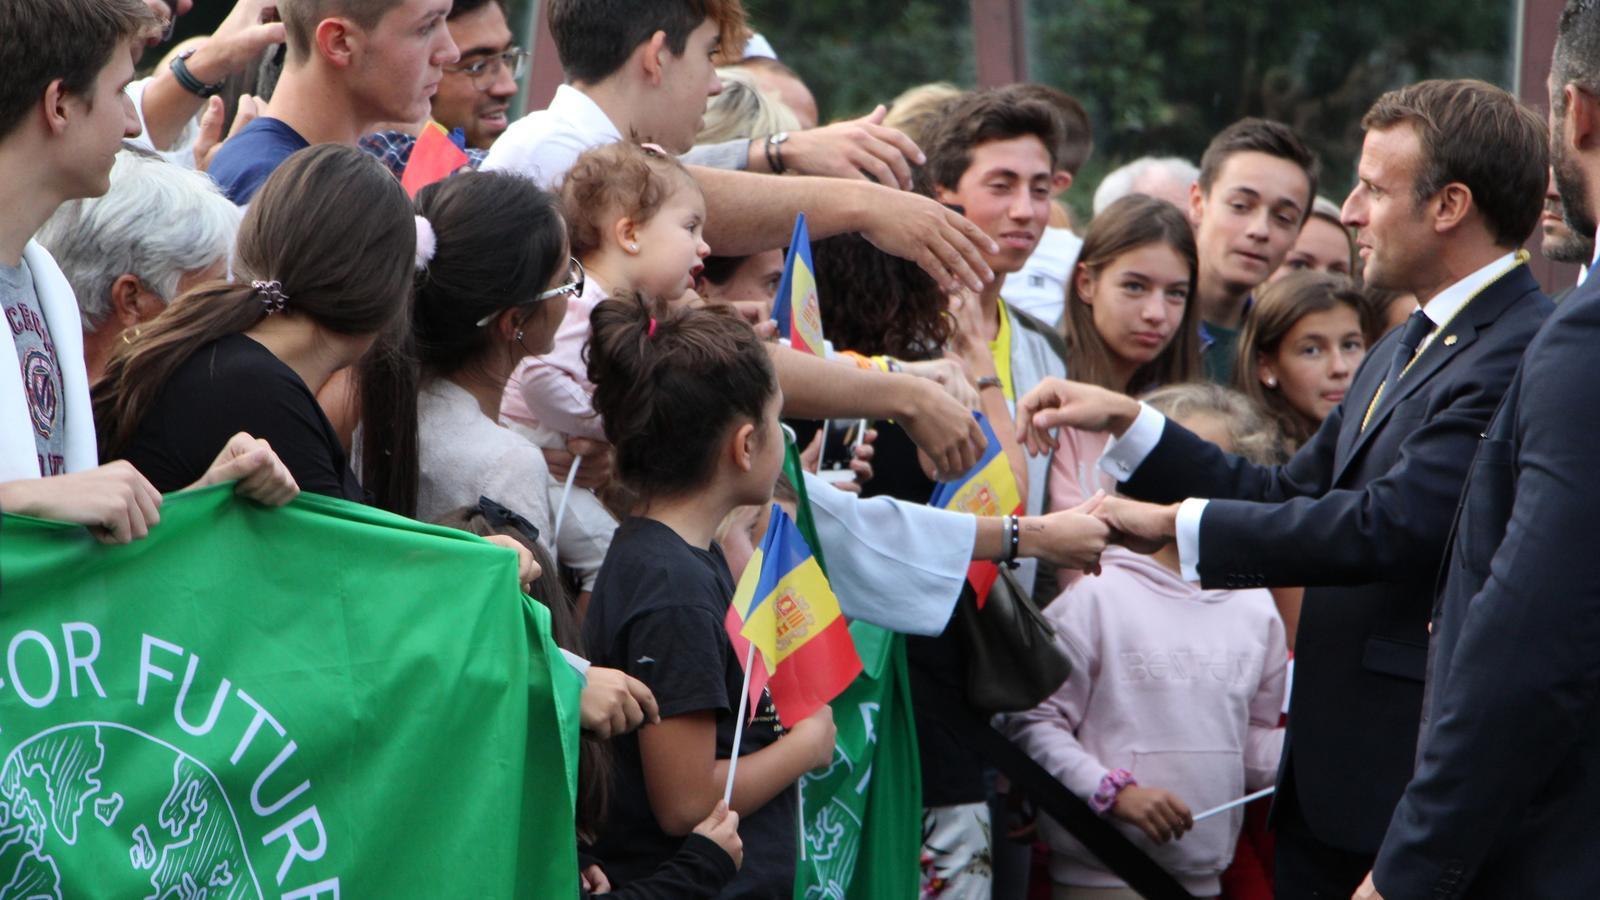 Macron saludant als ciutadans que s'han acostat per veure'l. / T.N.